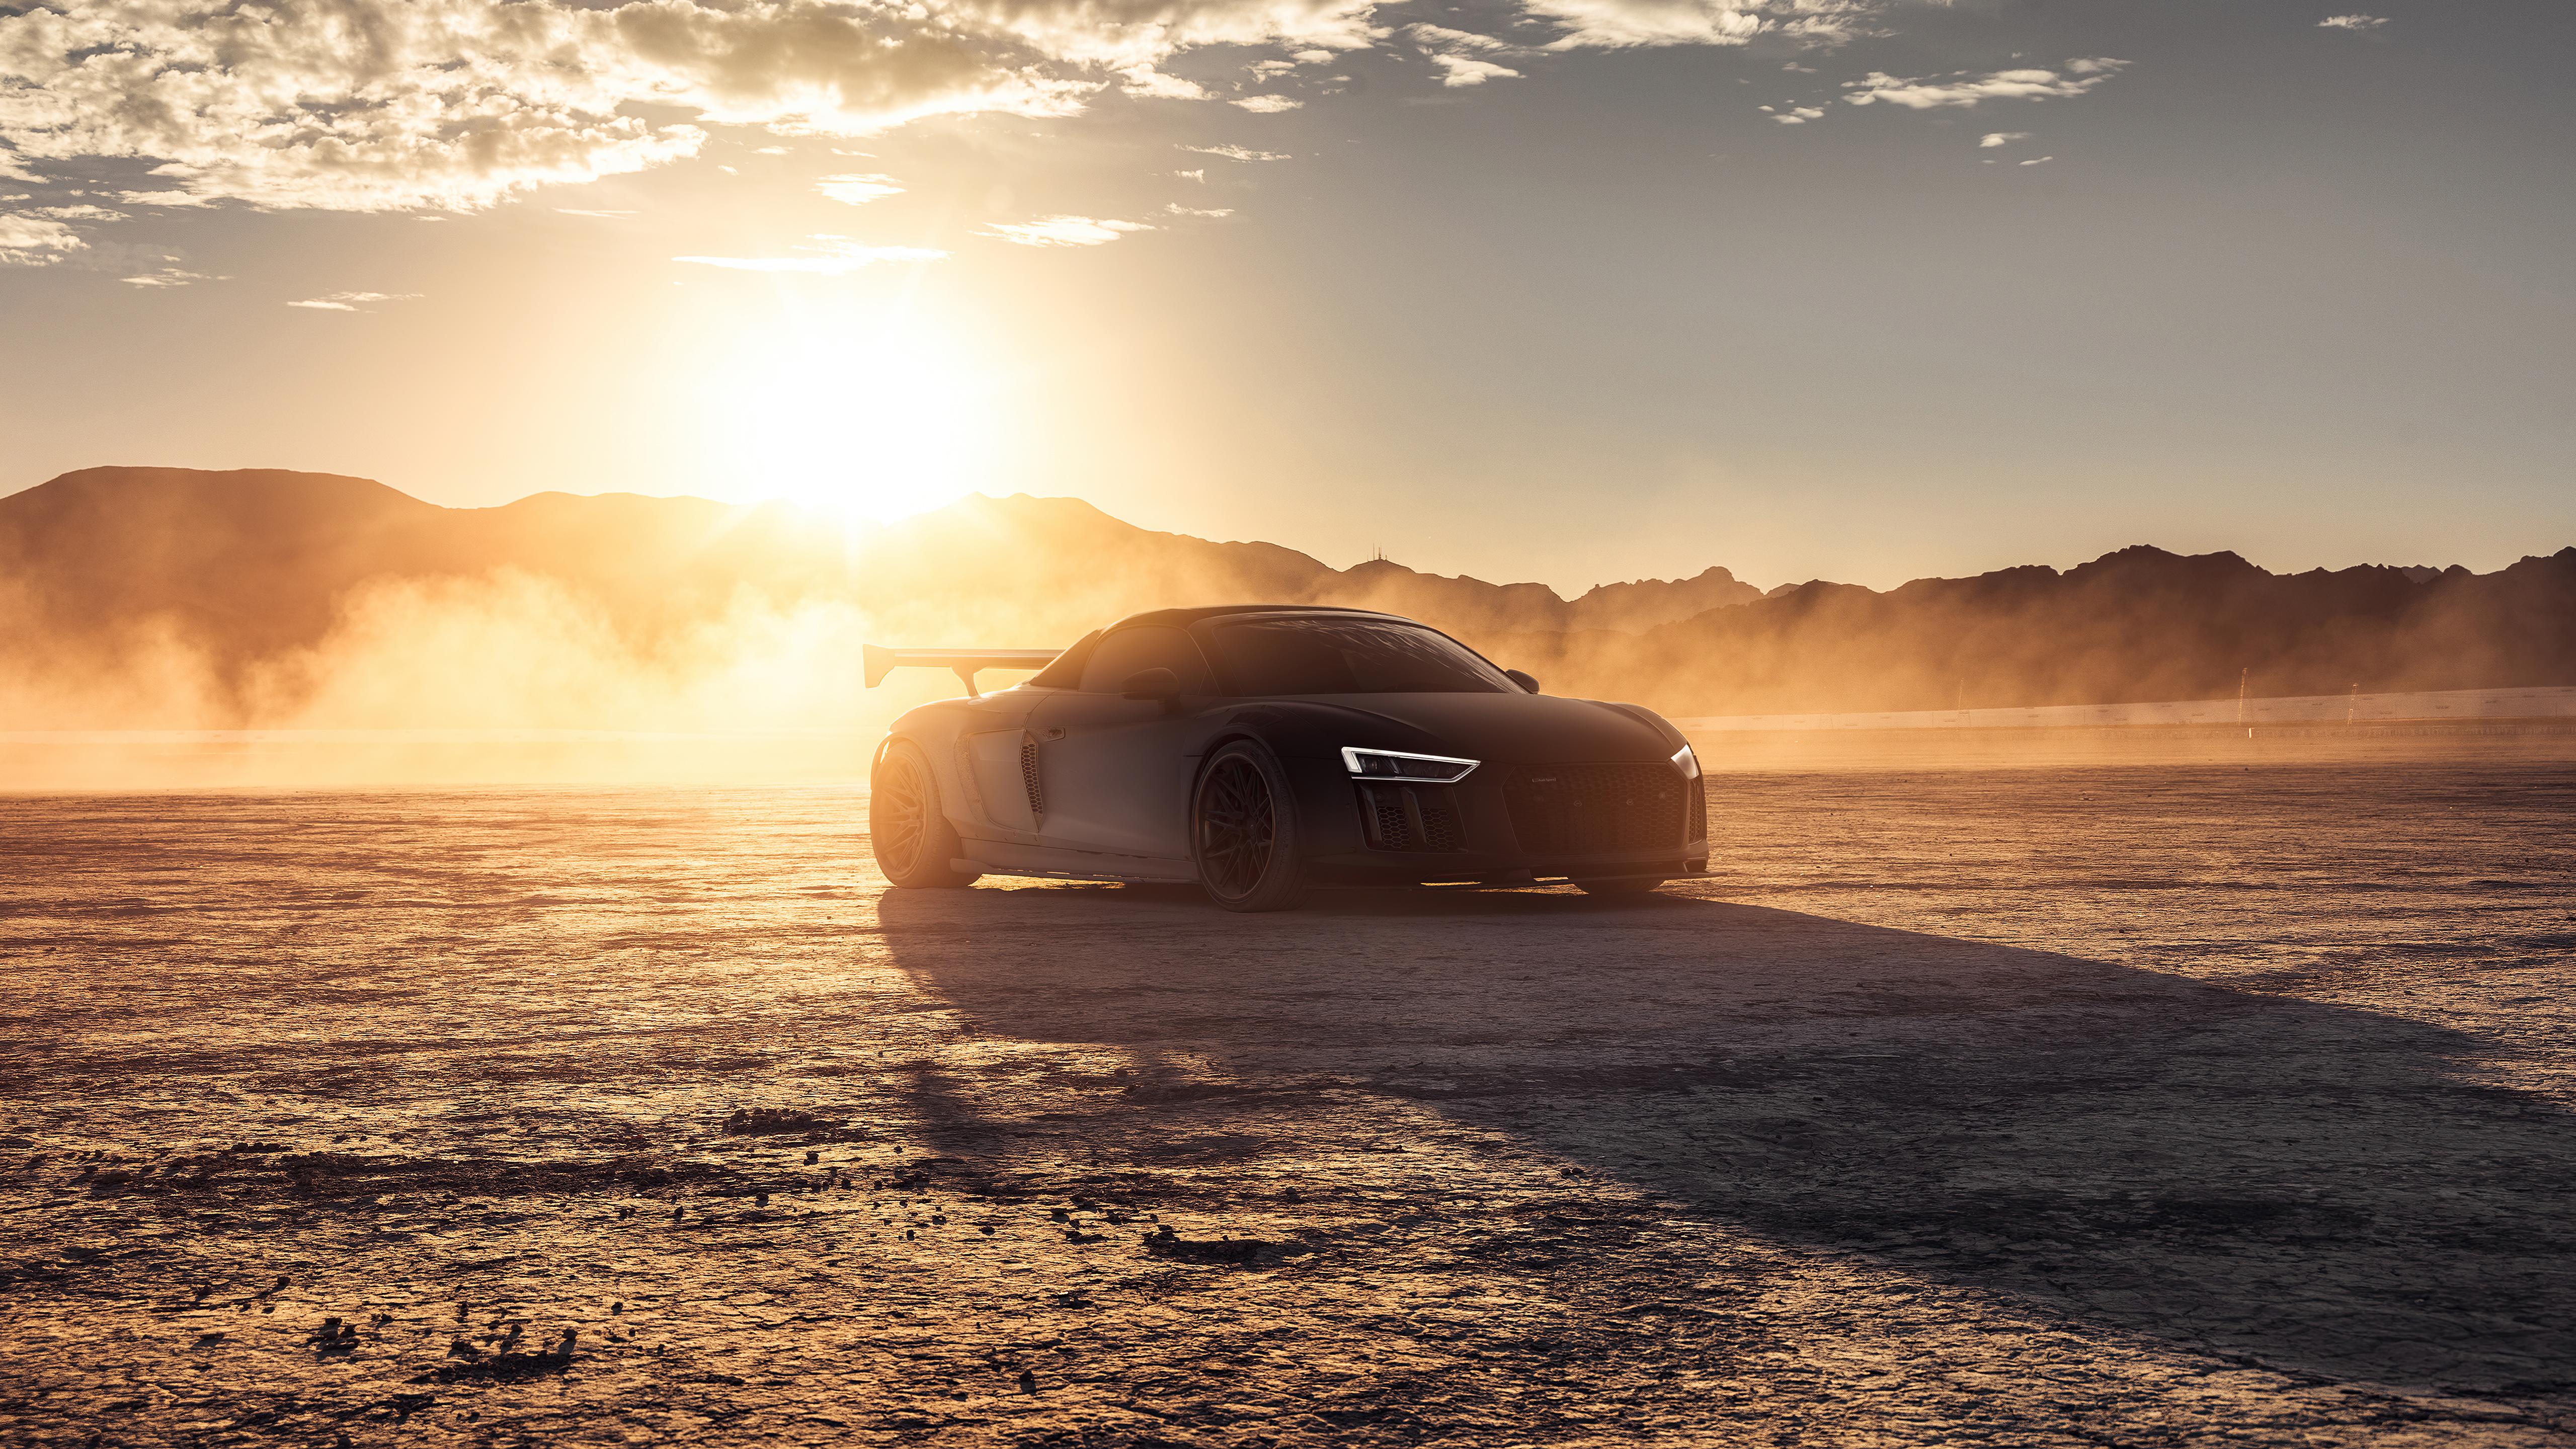 2021 audi r8 dry lake 4k 1618922046 - 2021 Audi R8 Dry Lake 4k - 2021 Audi R8 Dry Lake 4k wallpapers